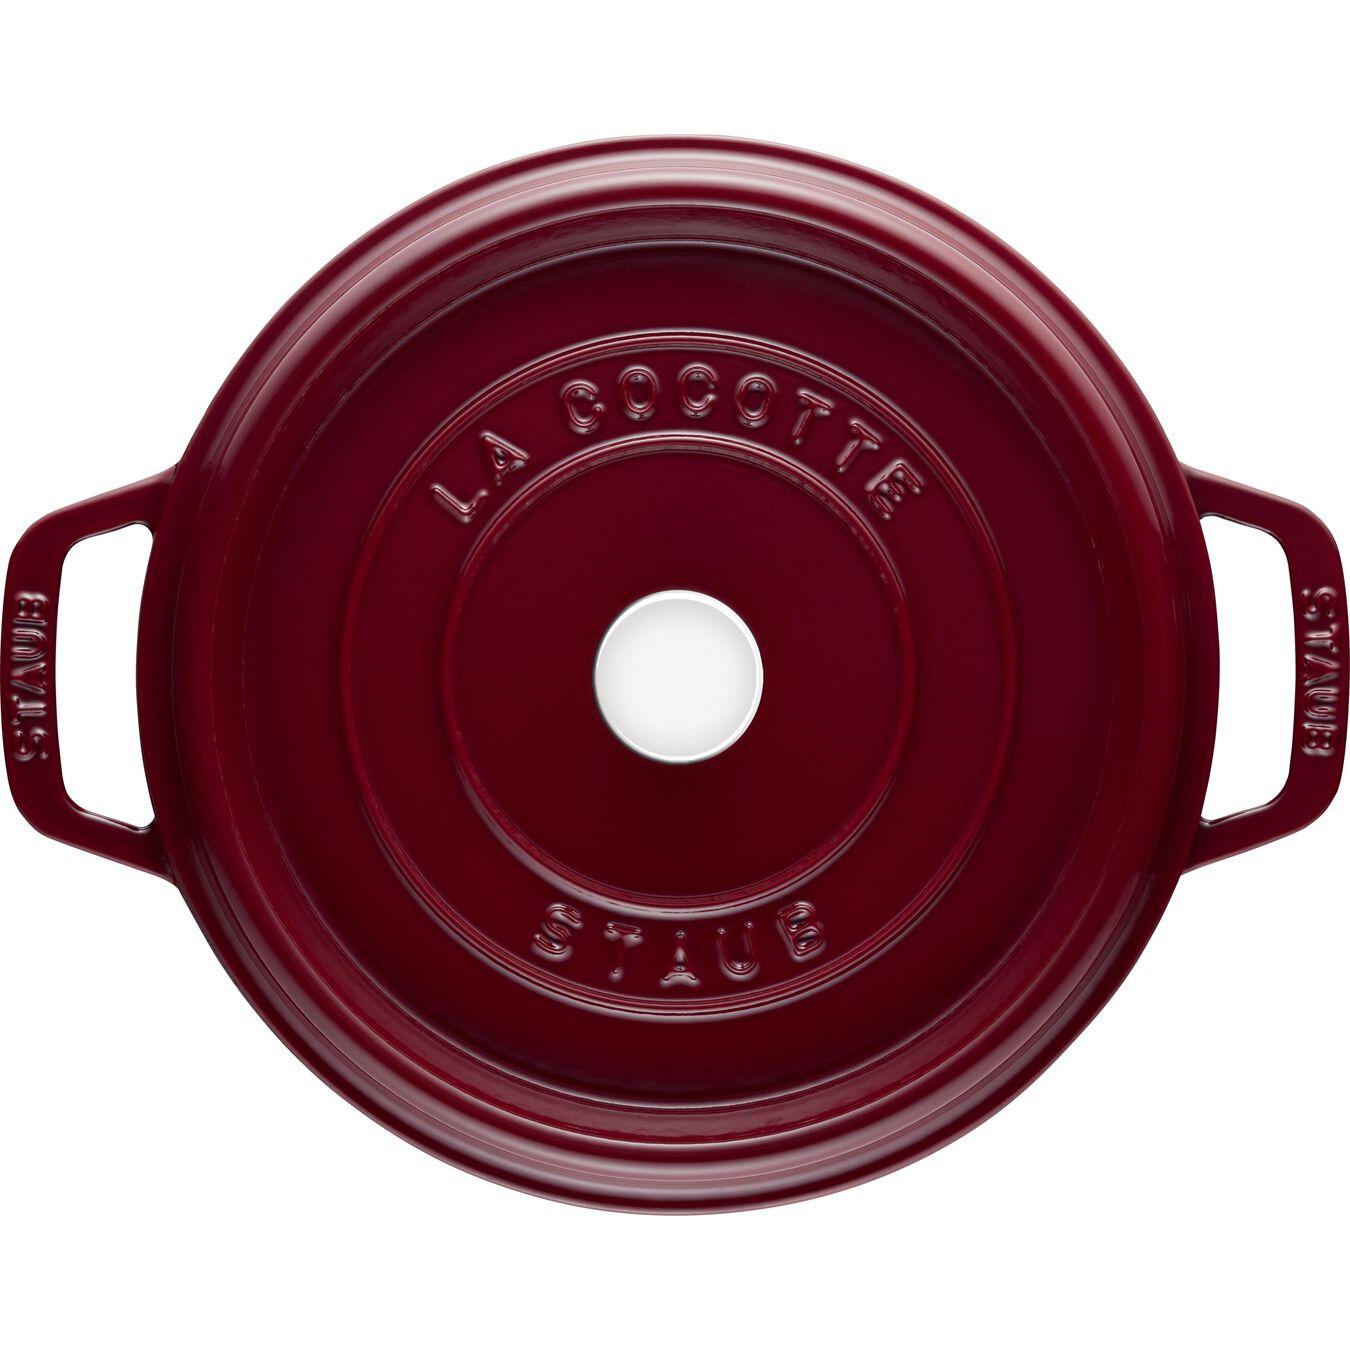 6,75 l Cast iron round Faitout, Bordeaux - Visual Imperfections,,large 3